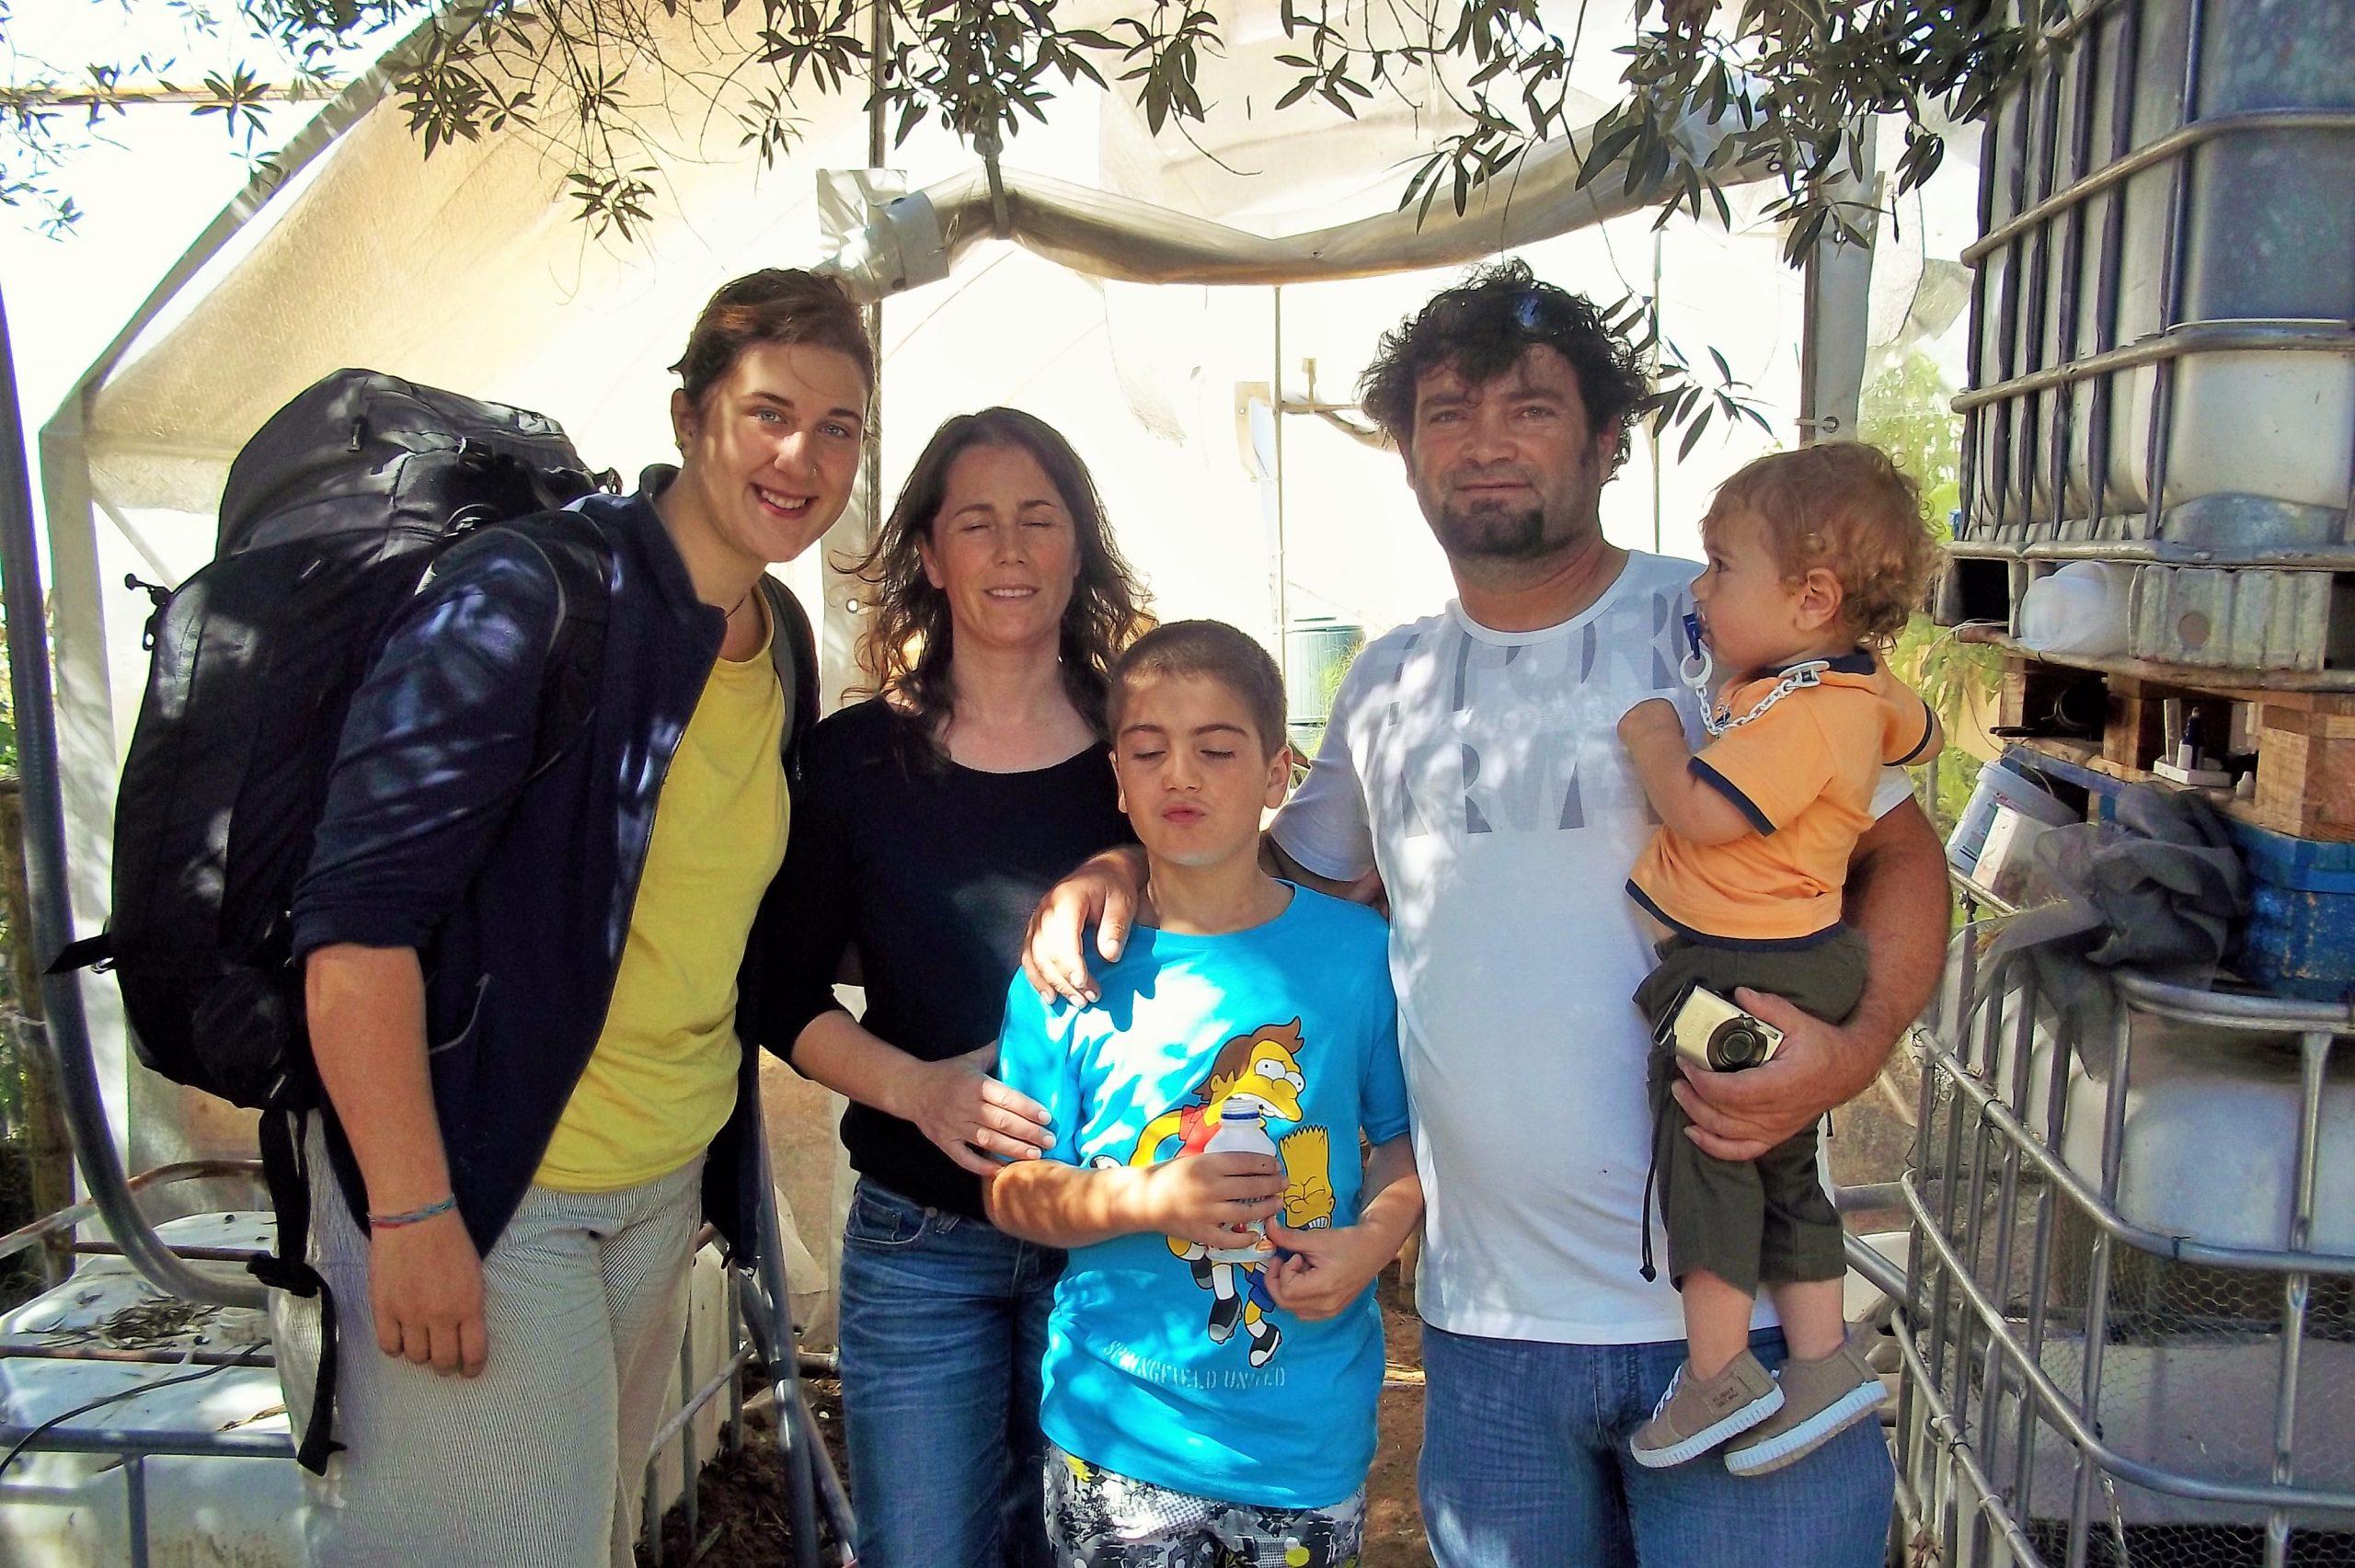 Le foto dell'accoglienza a Leiria